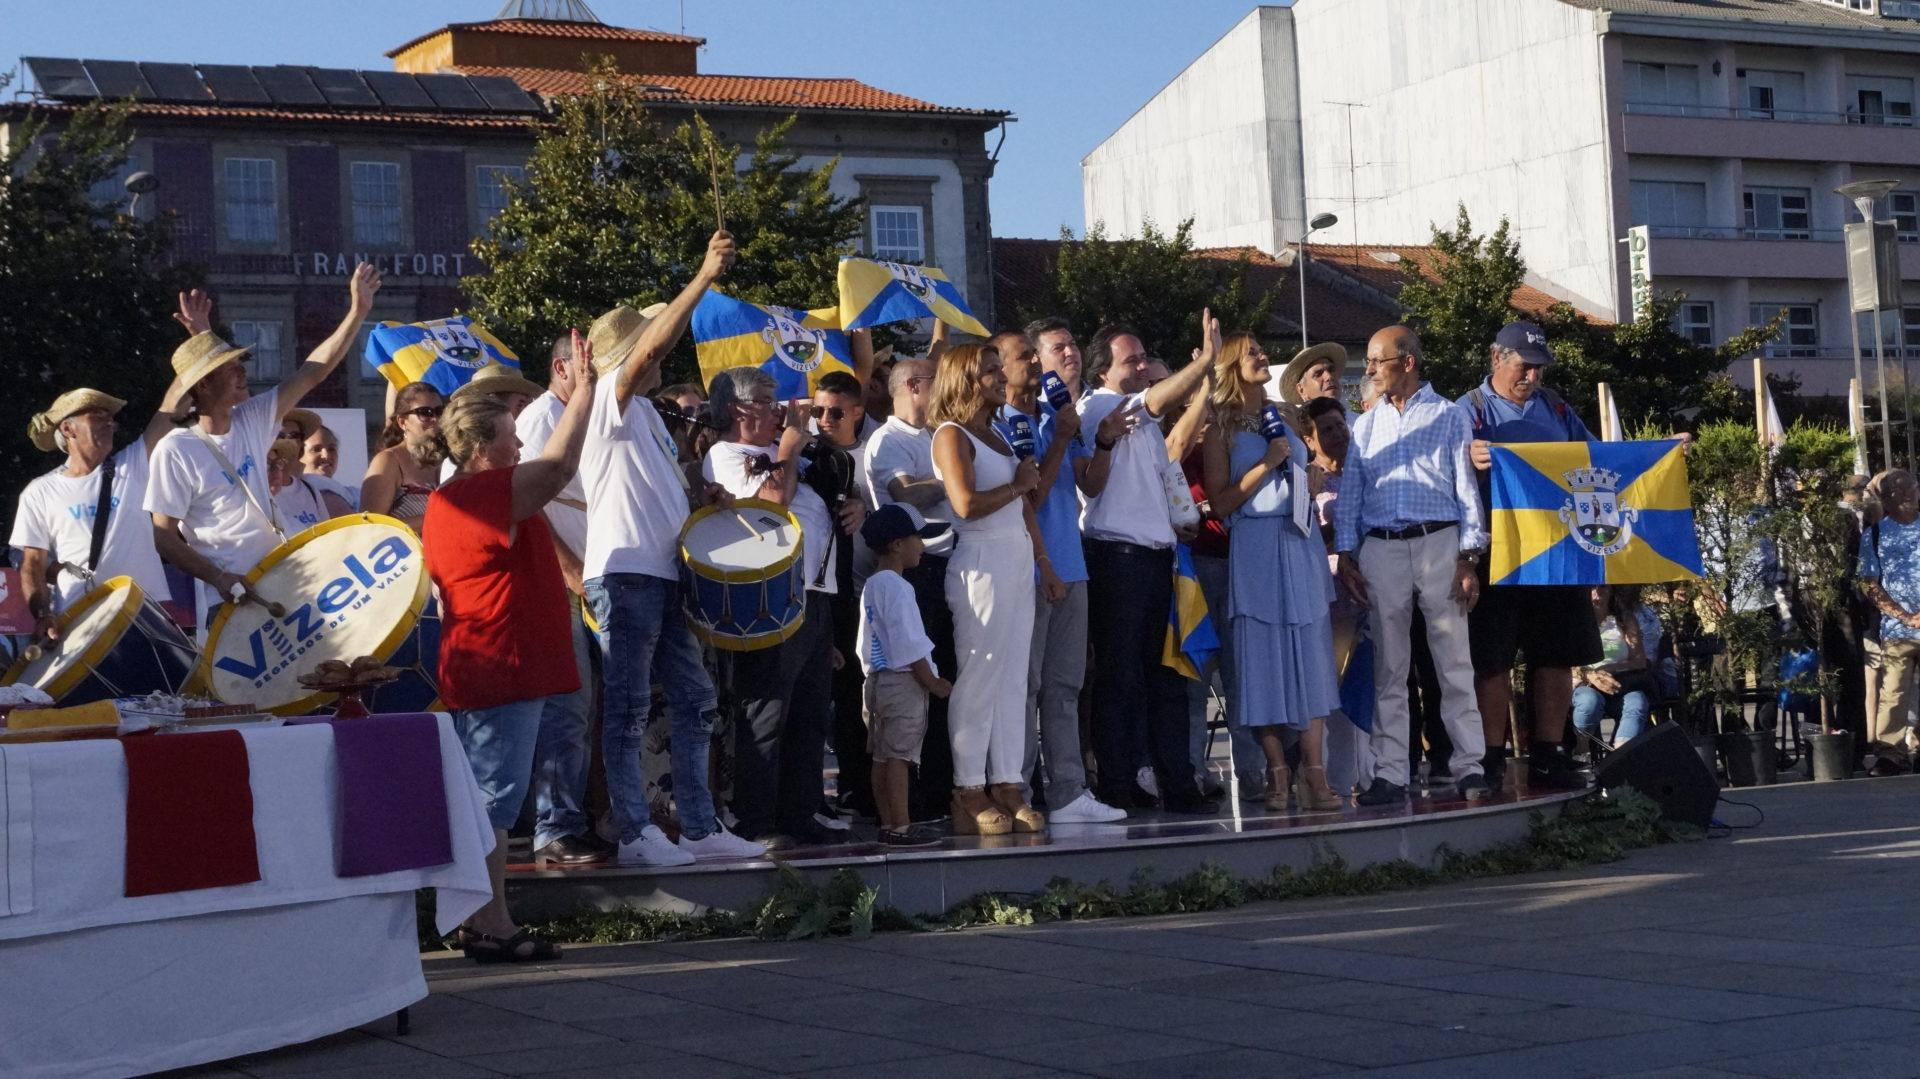 Bolinhol de Vizela venceu a eleição do doce representante do distrito de Braga